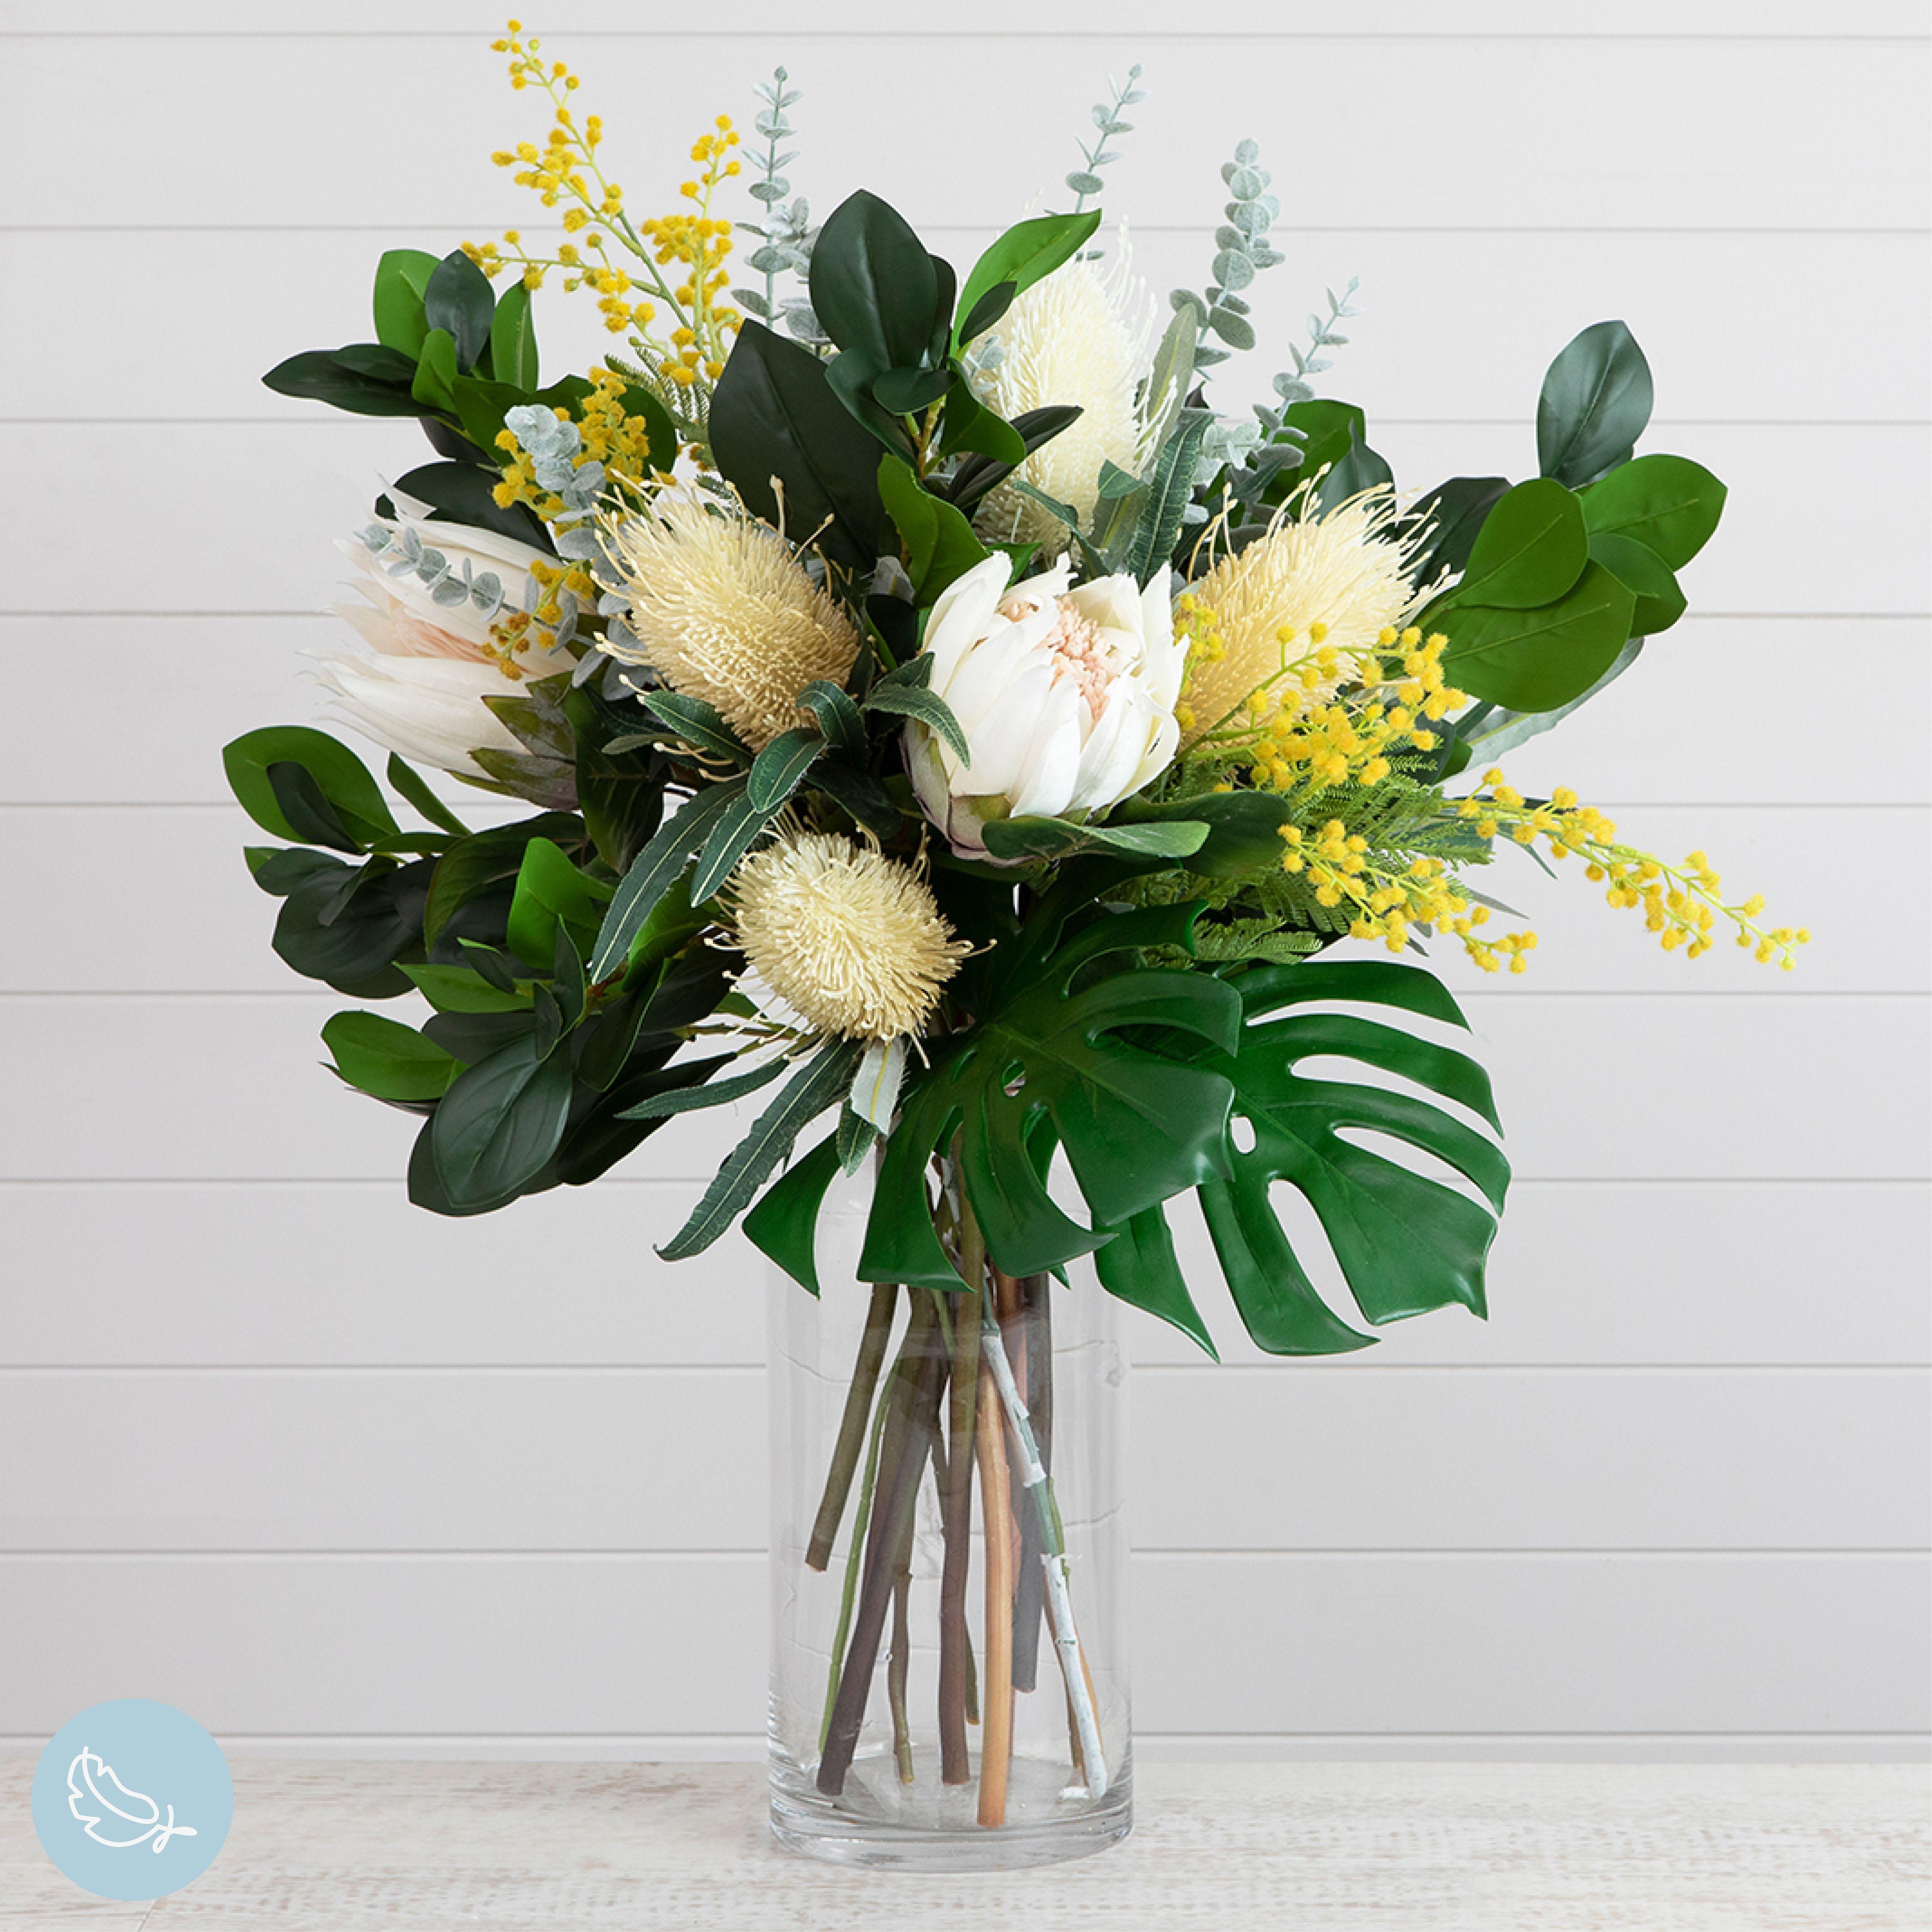 Yellow And Green Artificial Flower Arrangement Artificial Flowers Artificial Flower Arrangements Artificial Flowers Decor